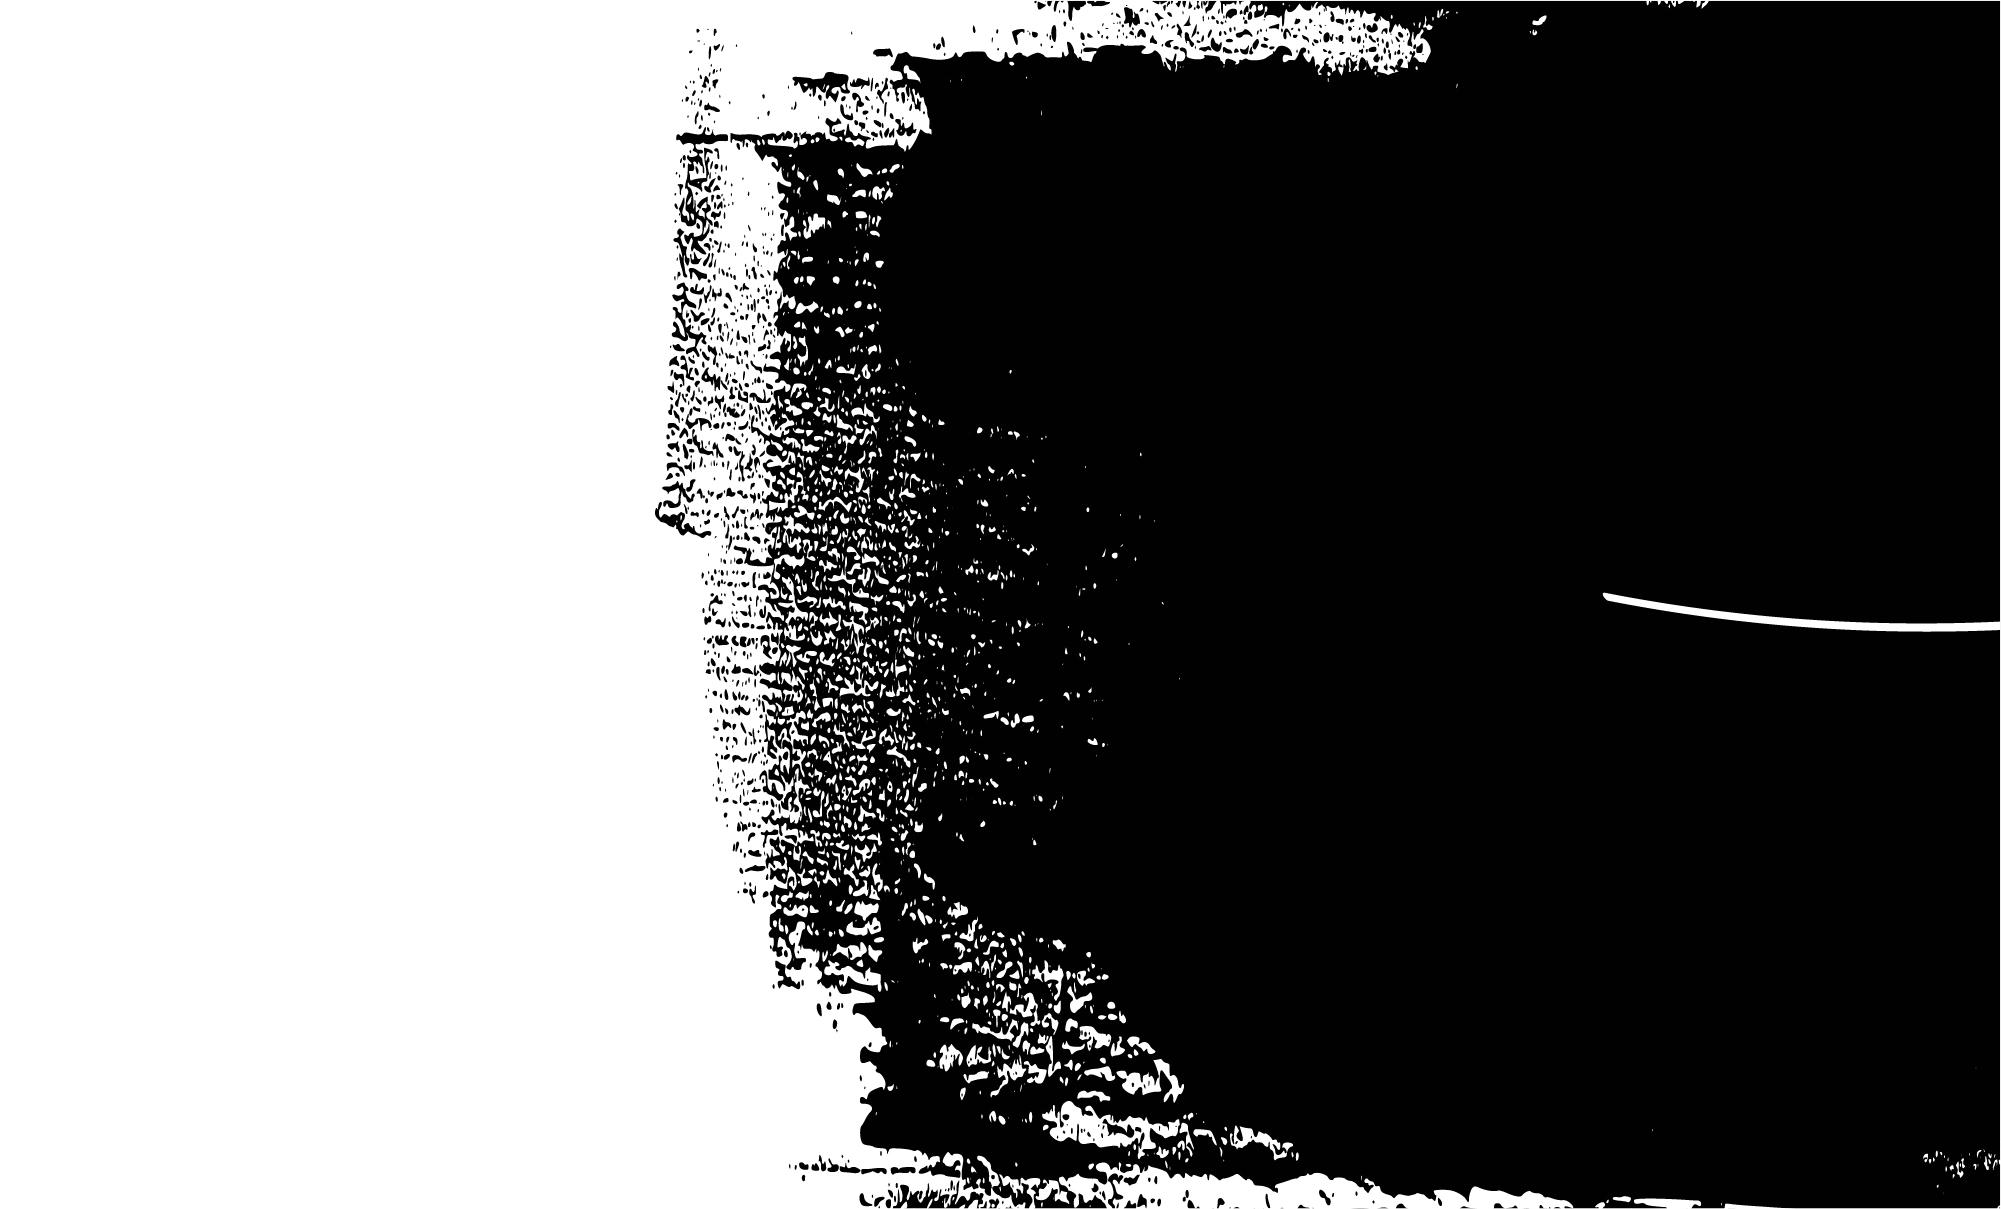 DYNAMITE_DEC16-28.jpg